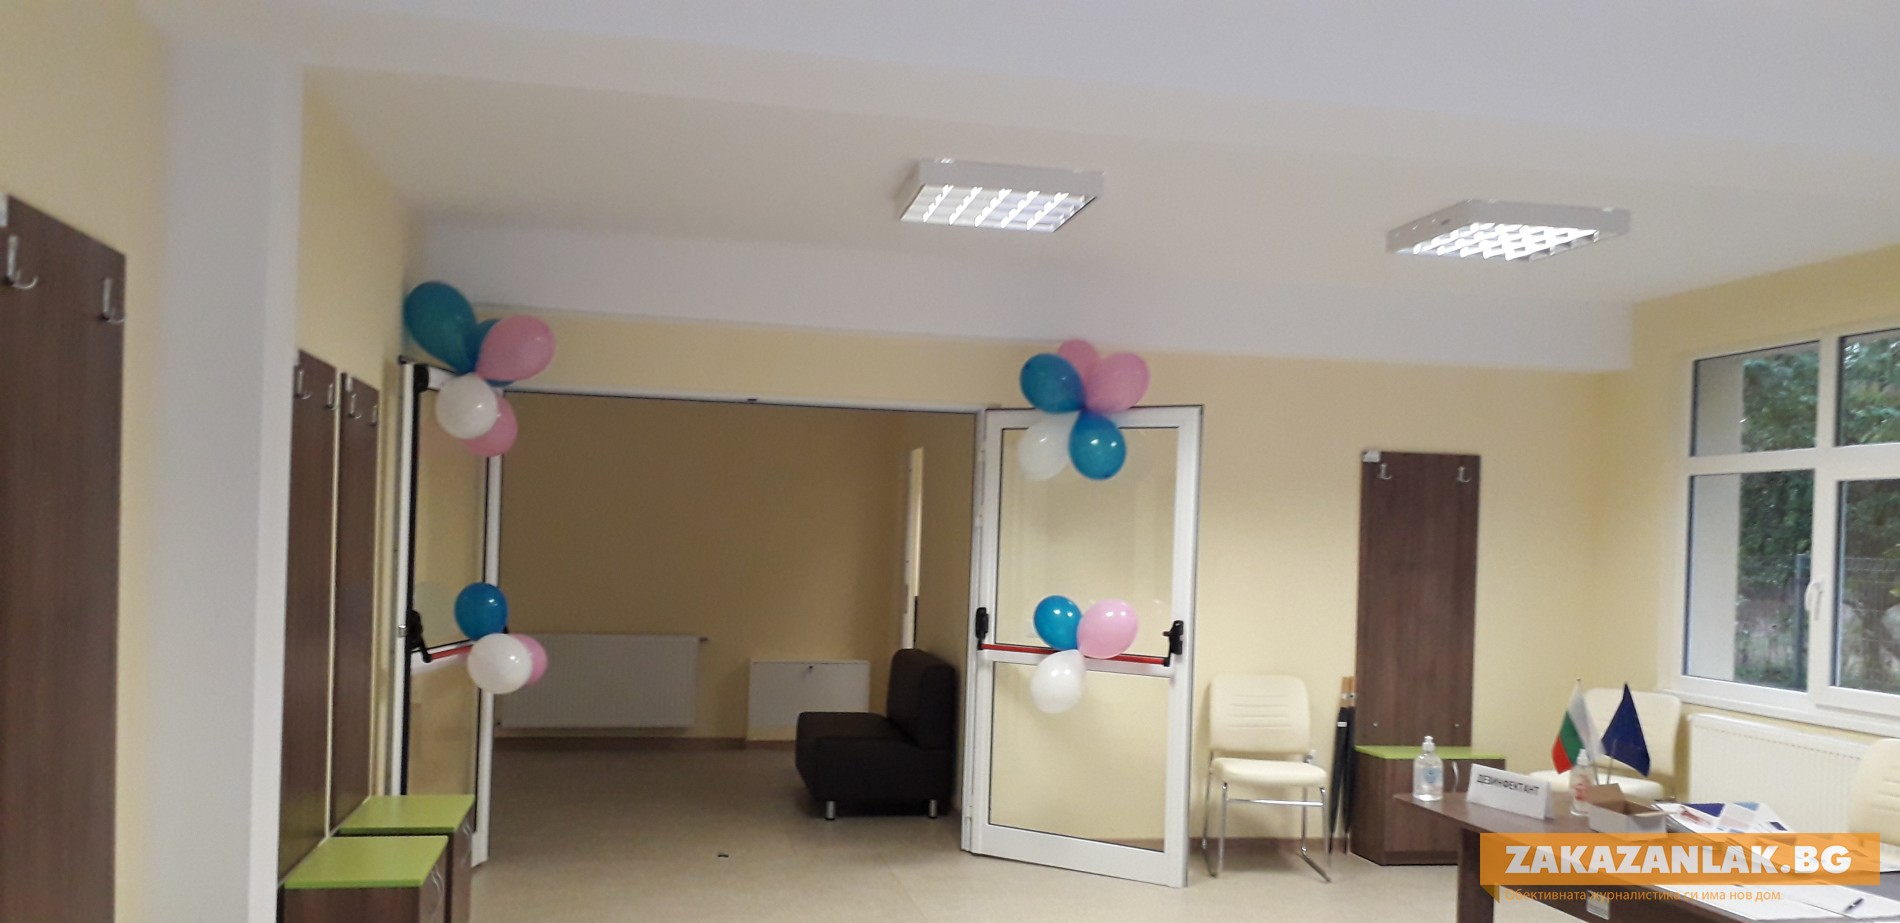 В Казанлък бе открит Дневен център за хора с деменция